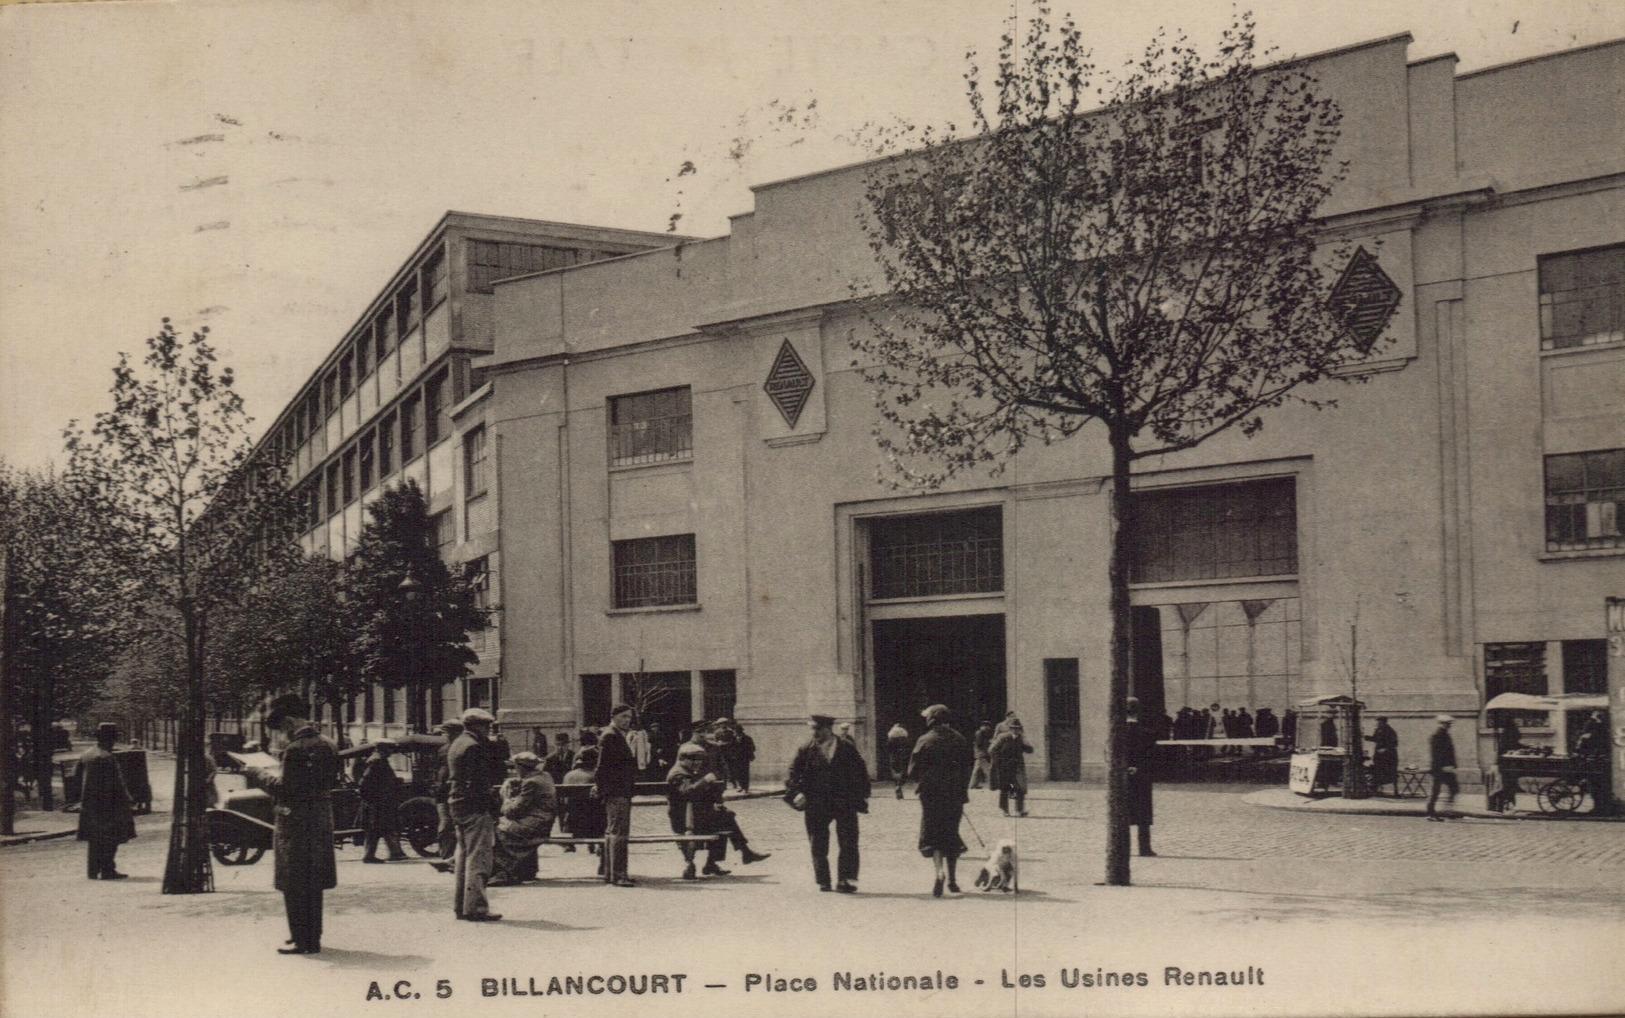 Place Nationale portail des usines Renault